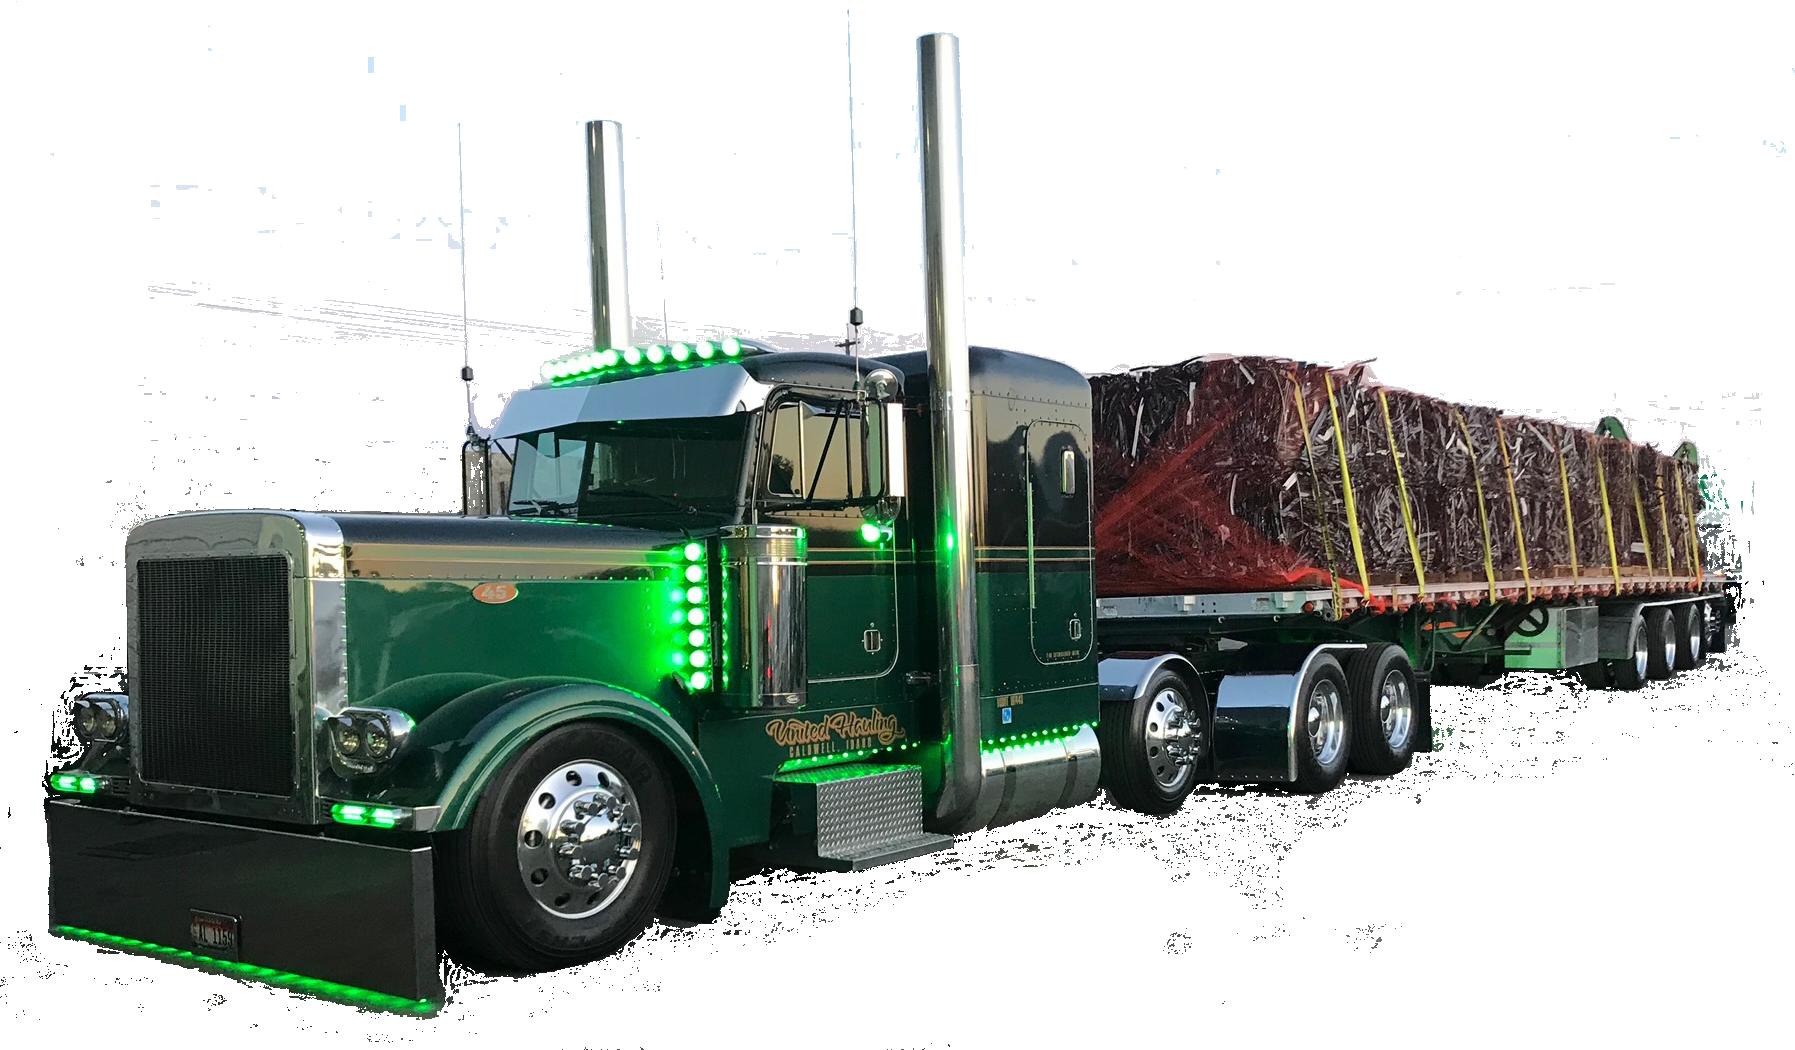 green-lit-hauler-flatbed